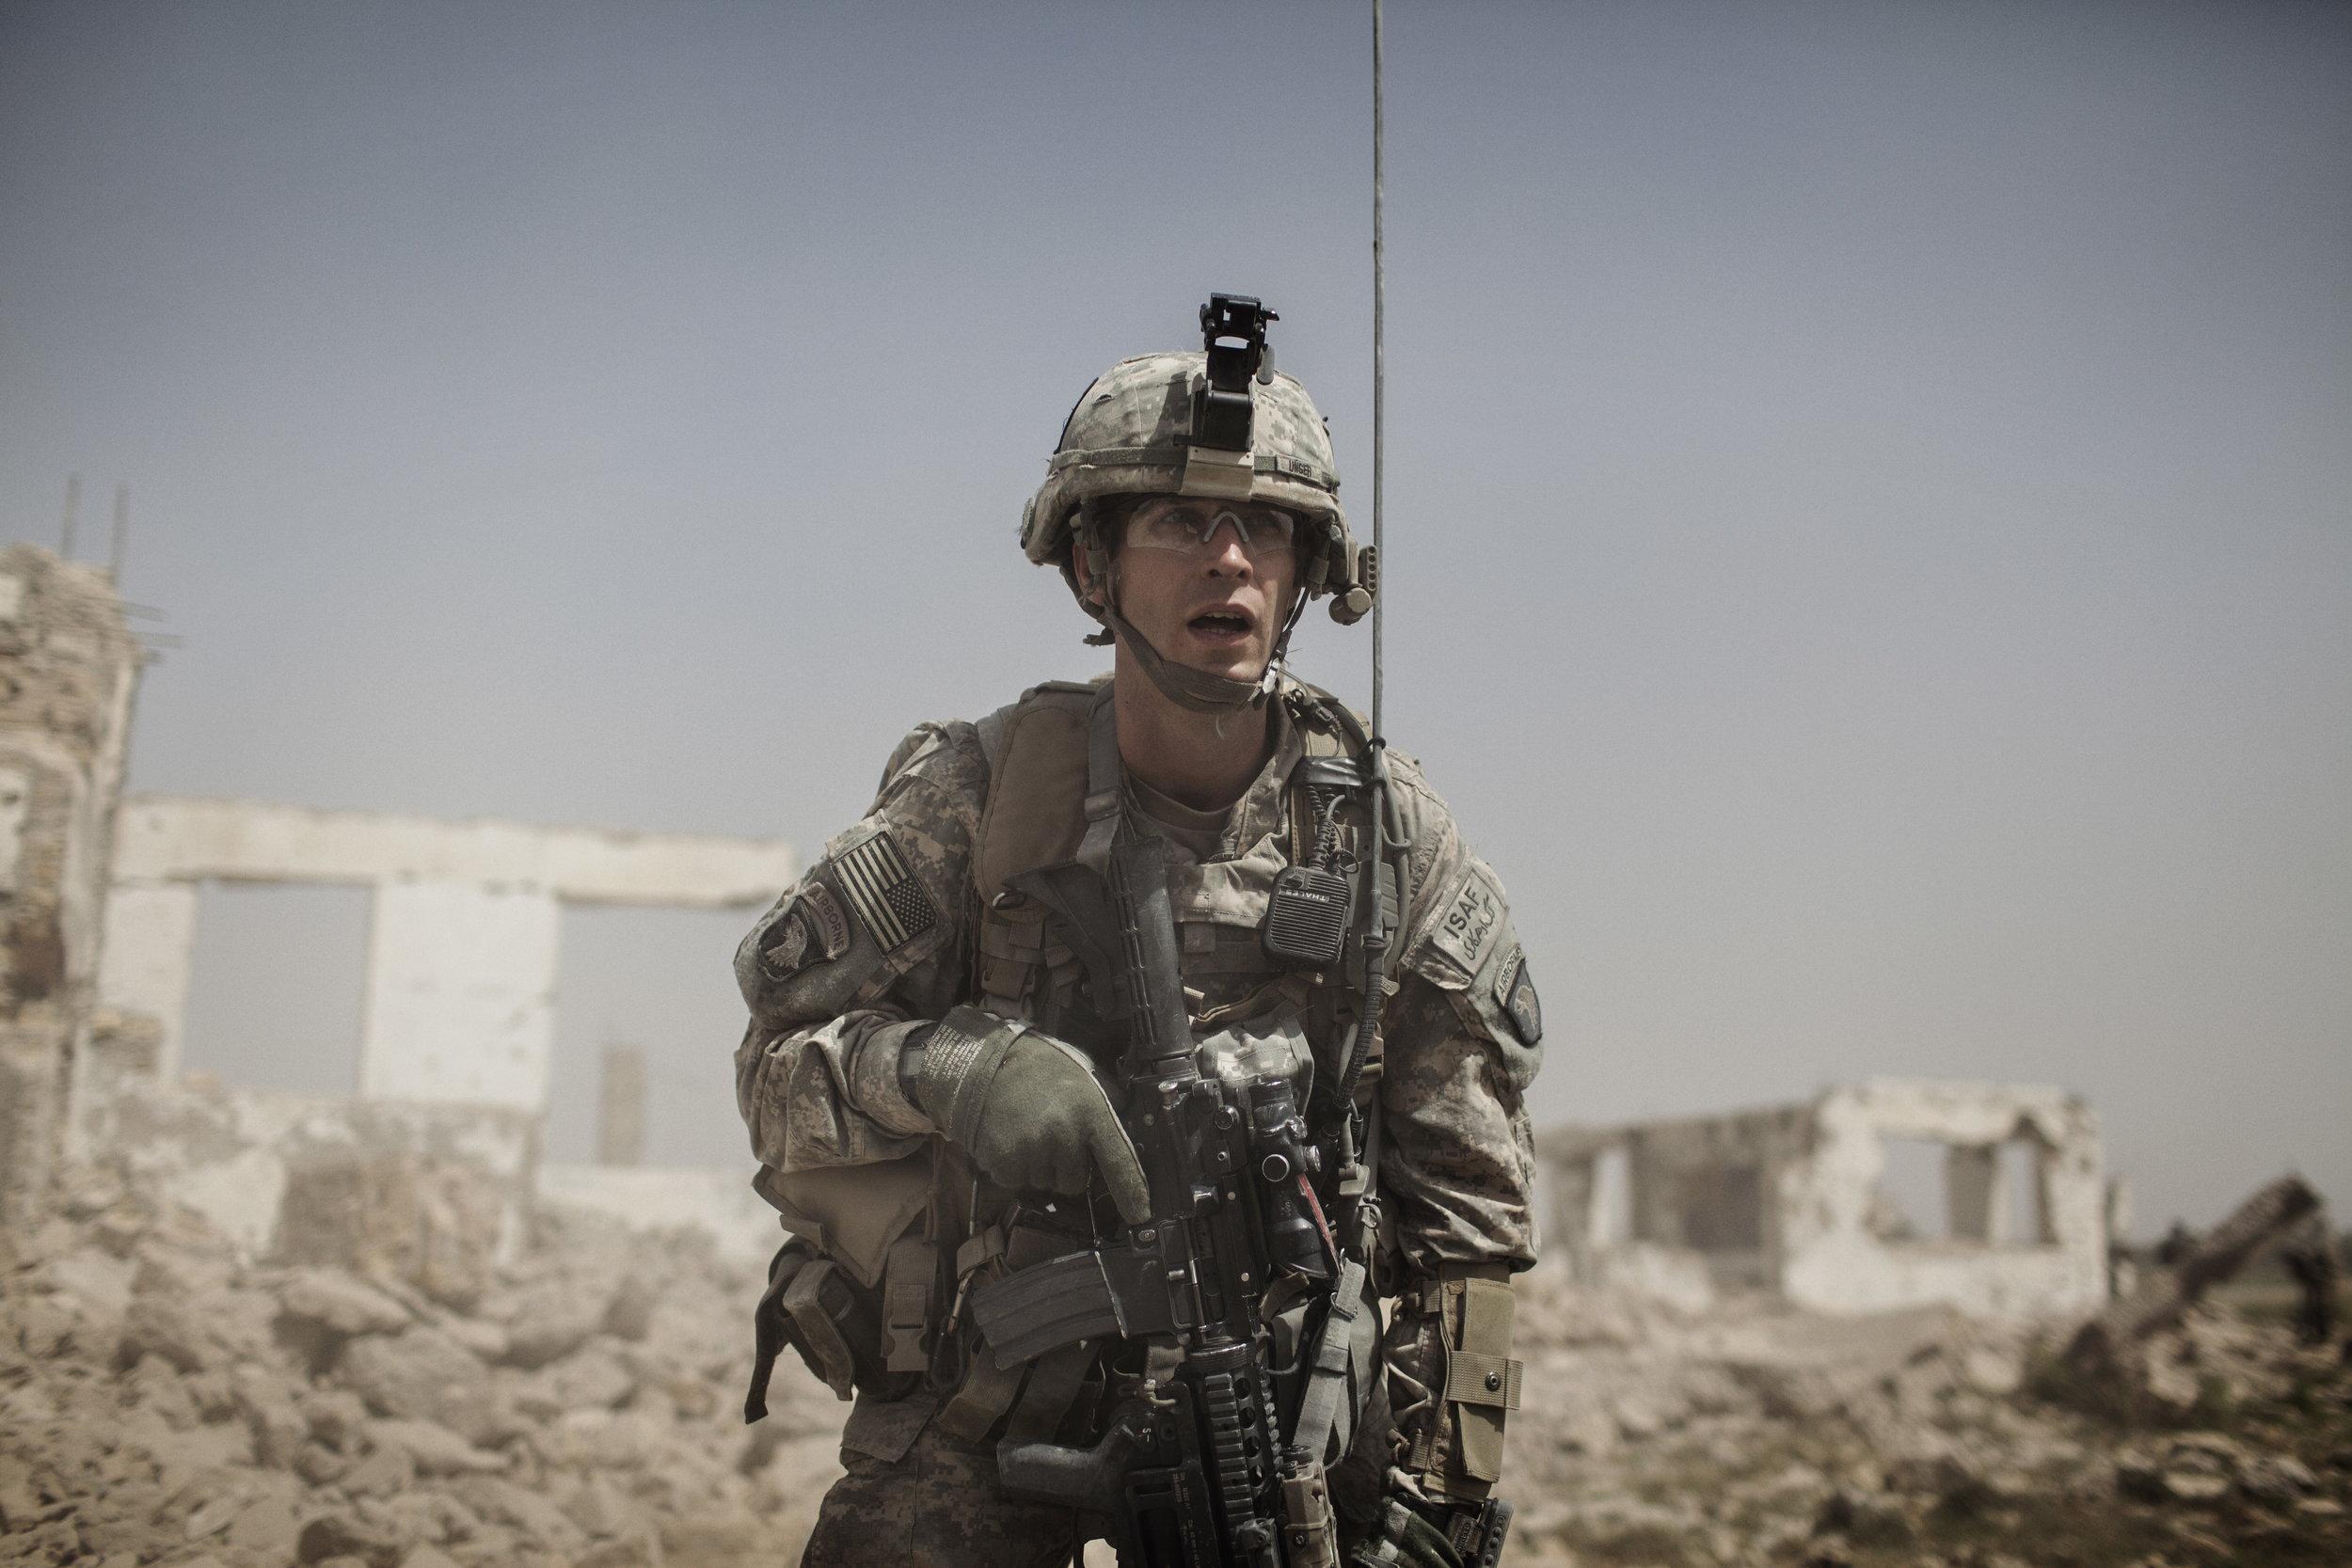 Sebastian_Meyer_Afghanistan_03.jpg